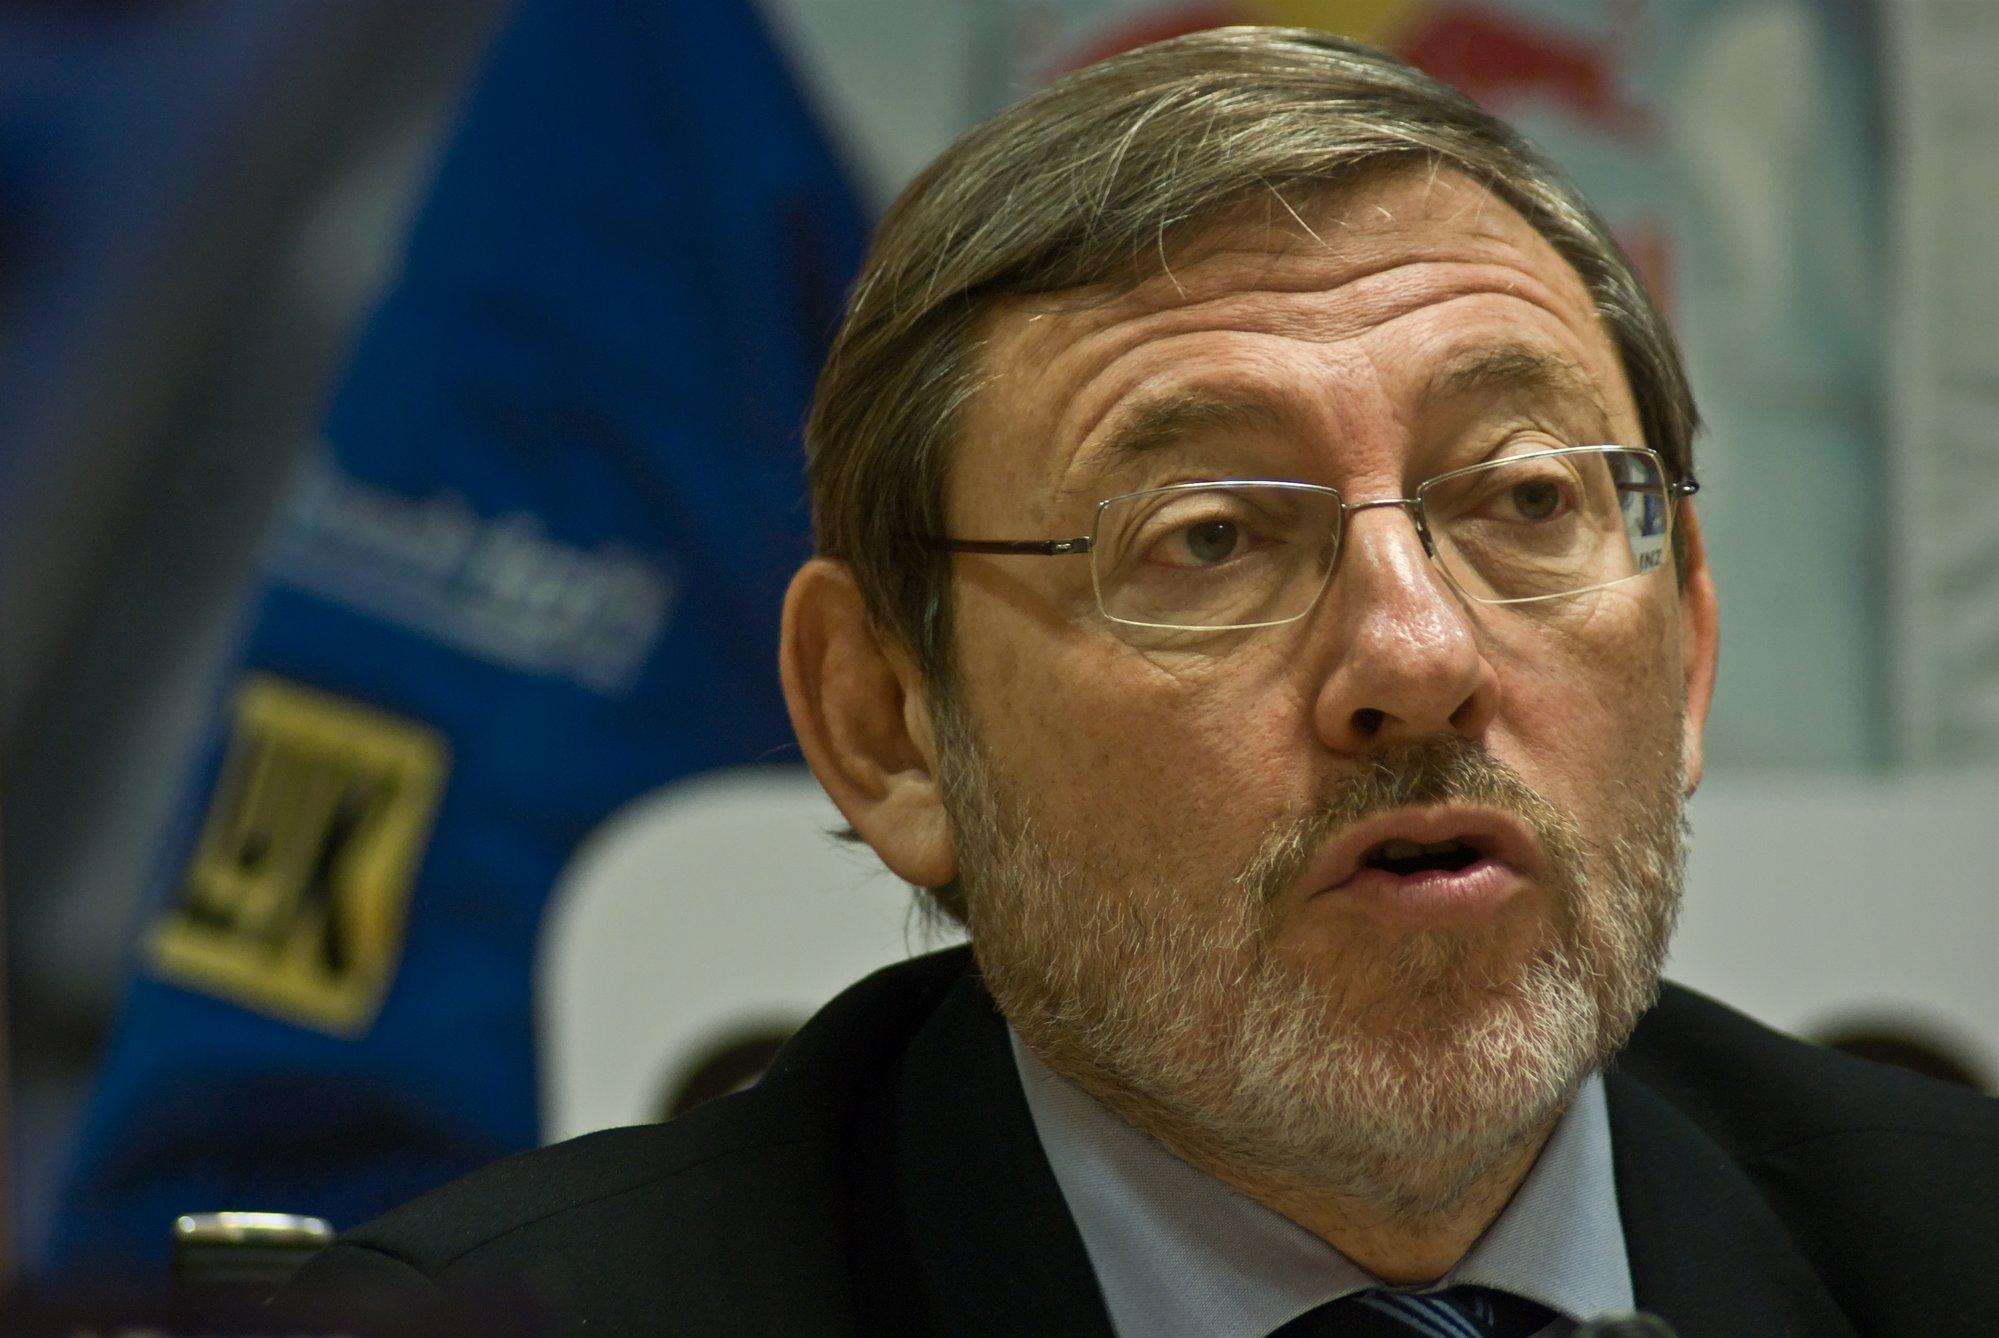 El PSOE seguirá en la comisión a pesar del veto a comparecientes o de tener sólo un tercio de la documentación